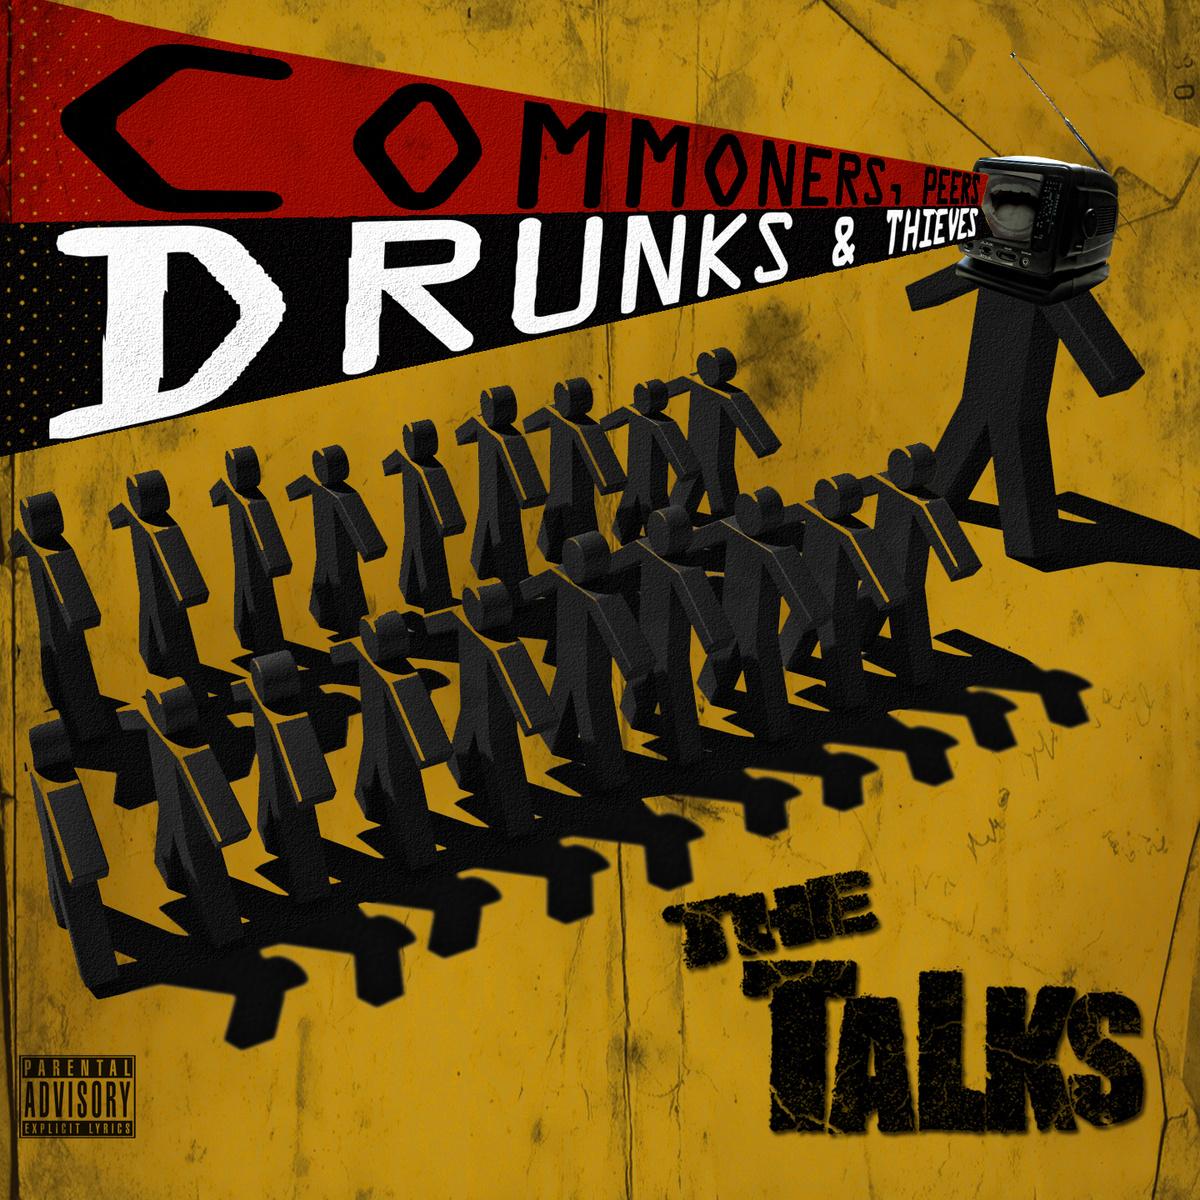 Talks, The/COMMONERS, PEERS, DRUNKS LP